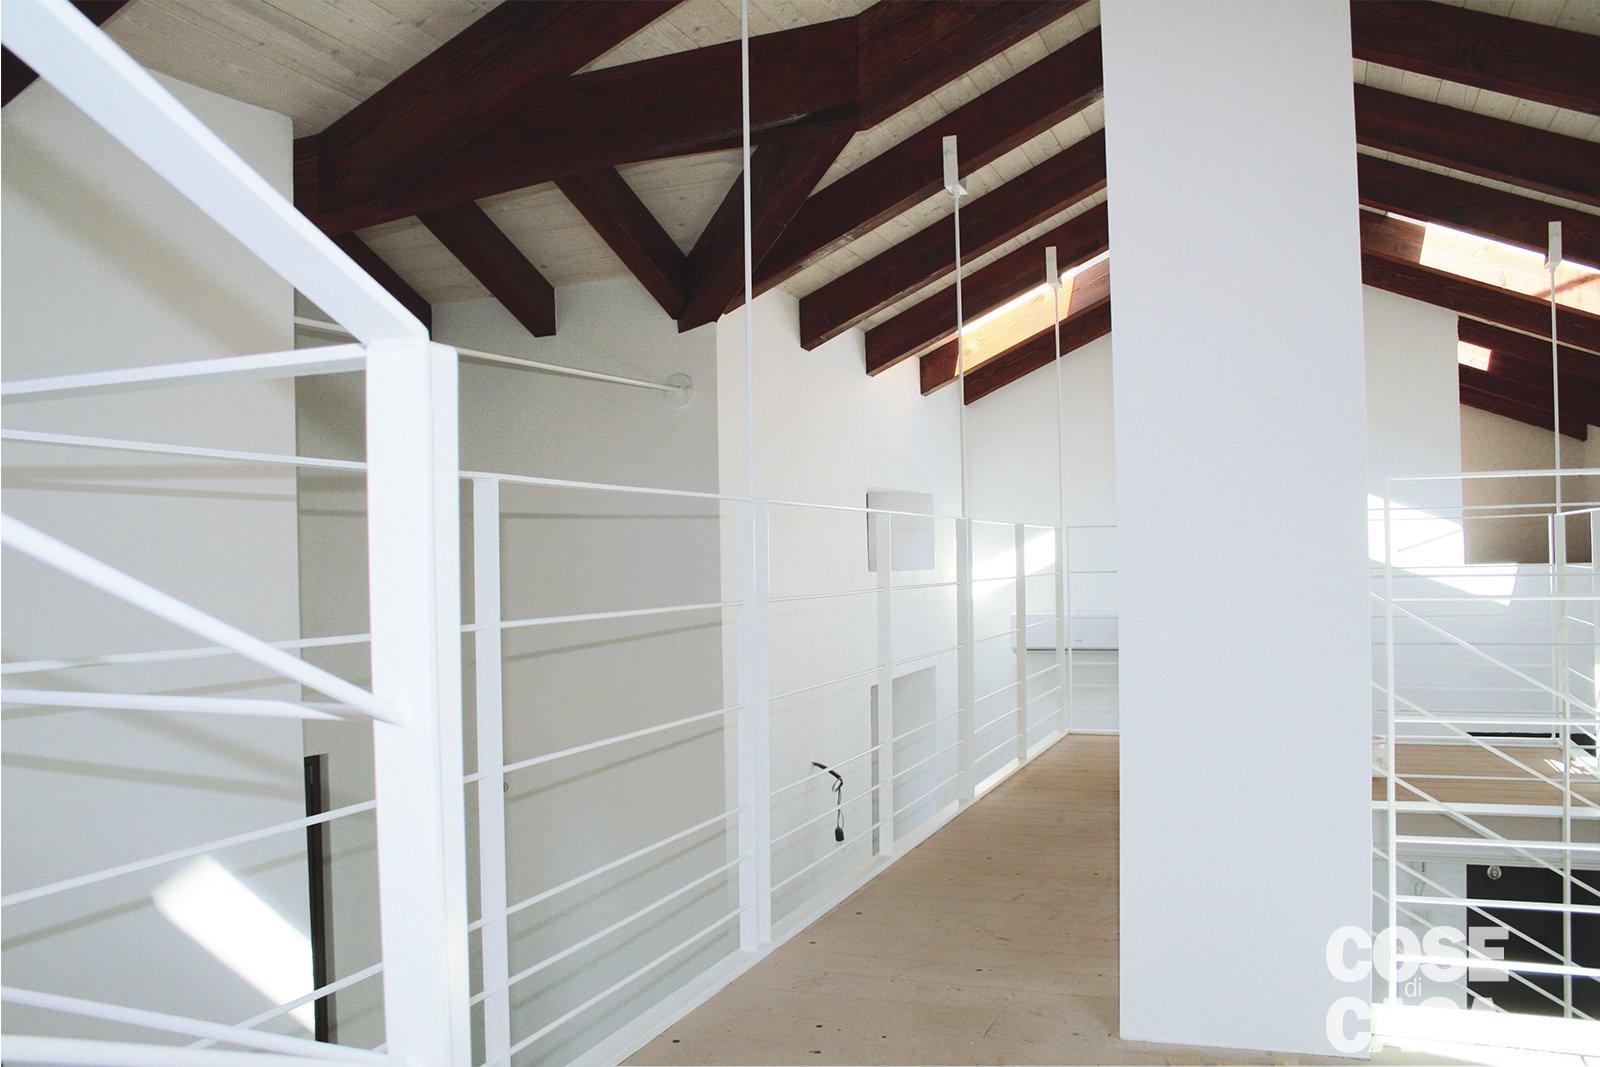 100 mq da due bilocali e sottotetto annessi con for Piani di casa rustici con soppalco